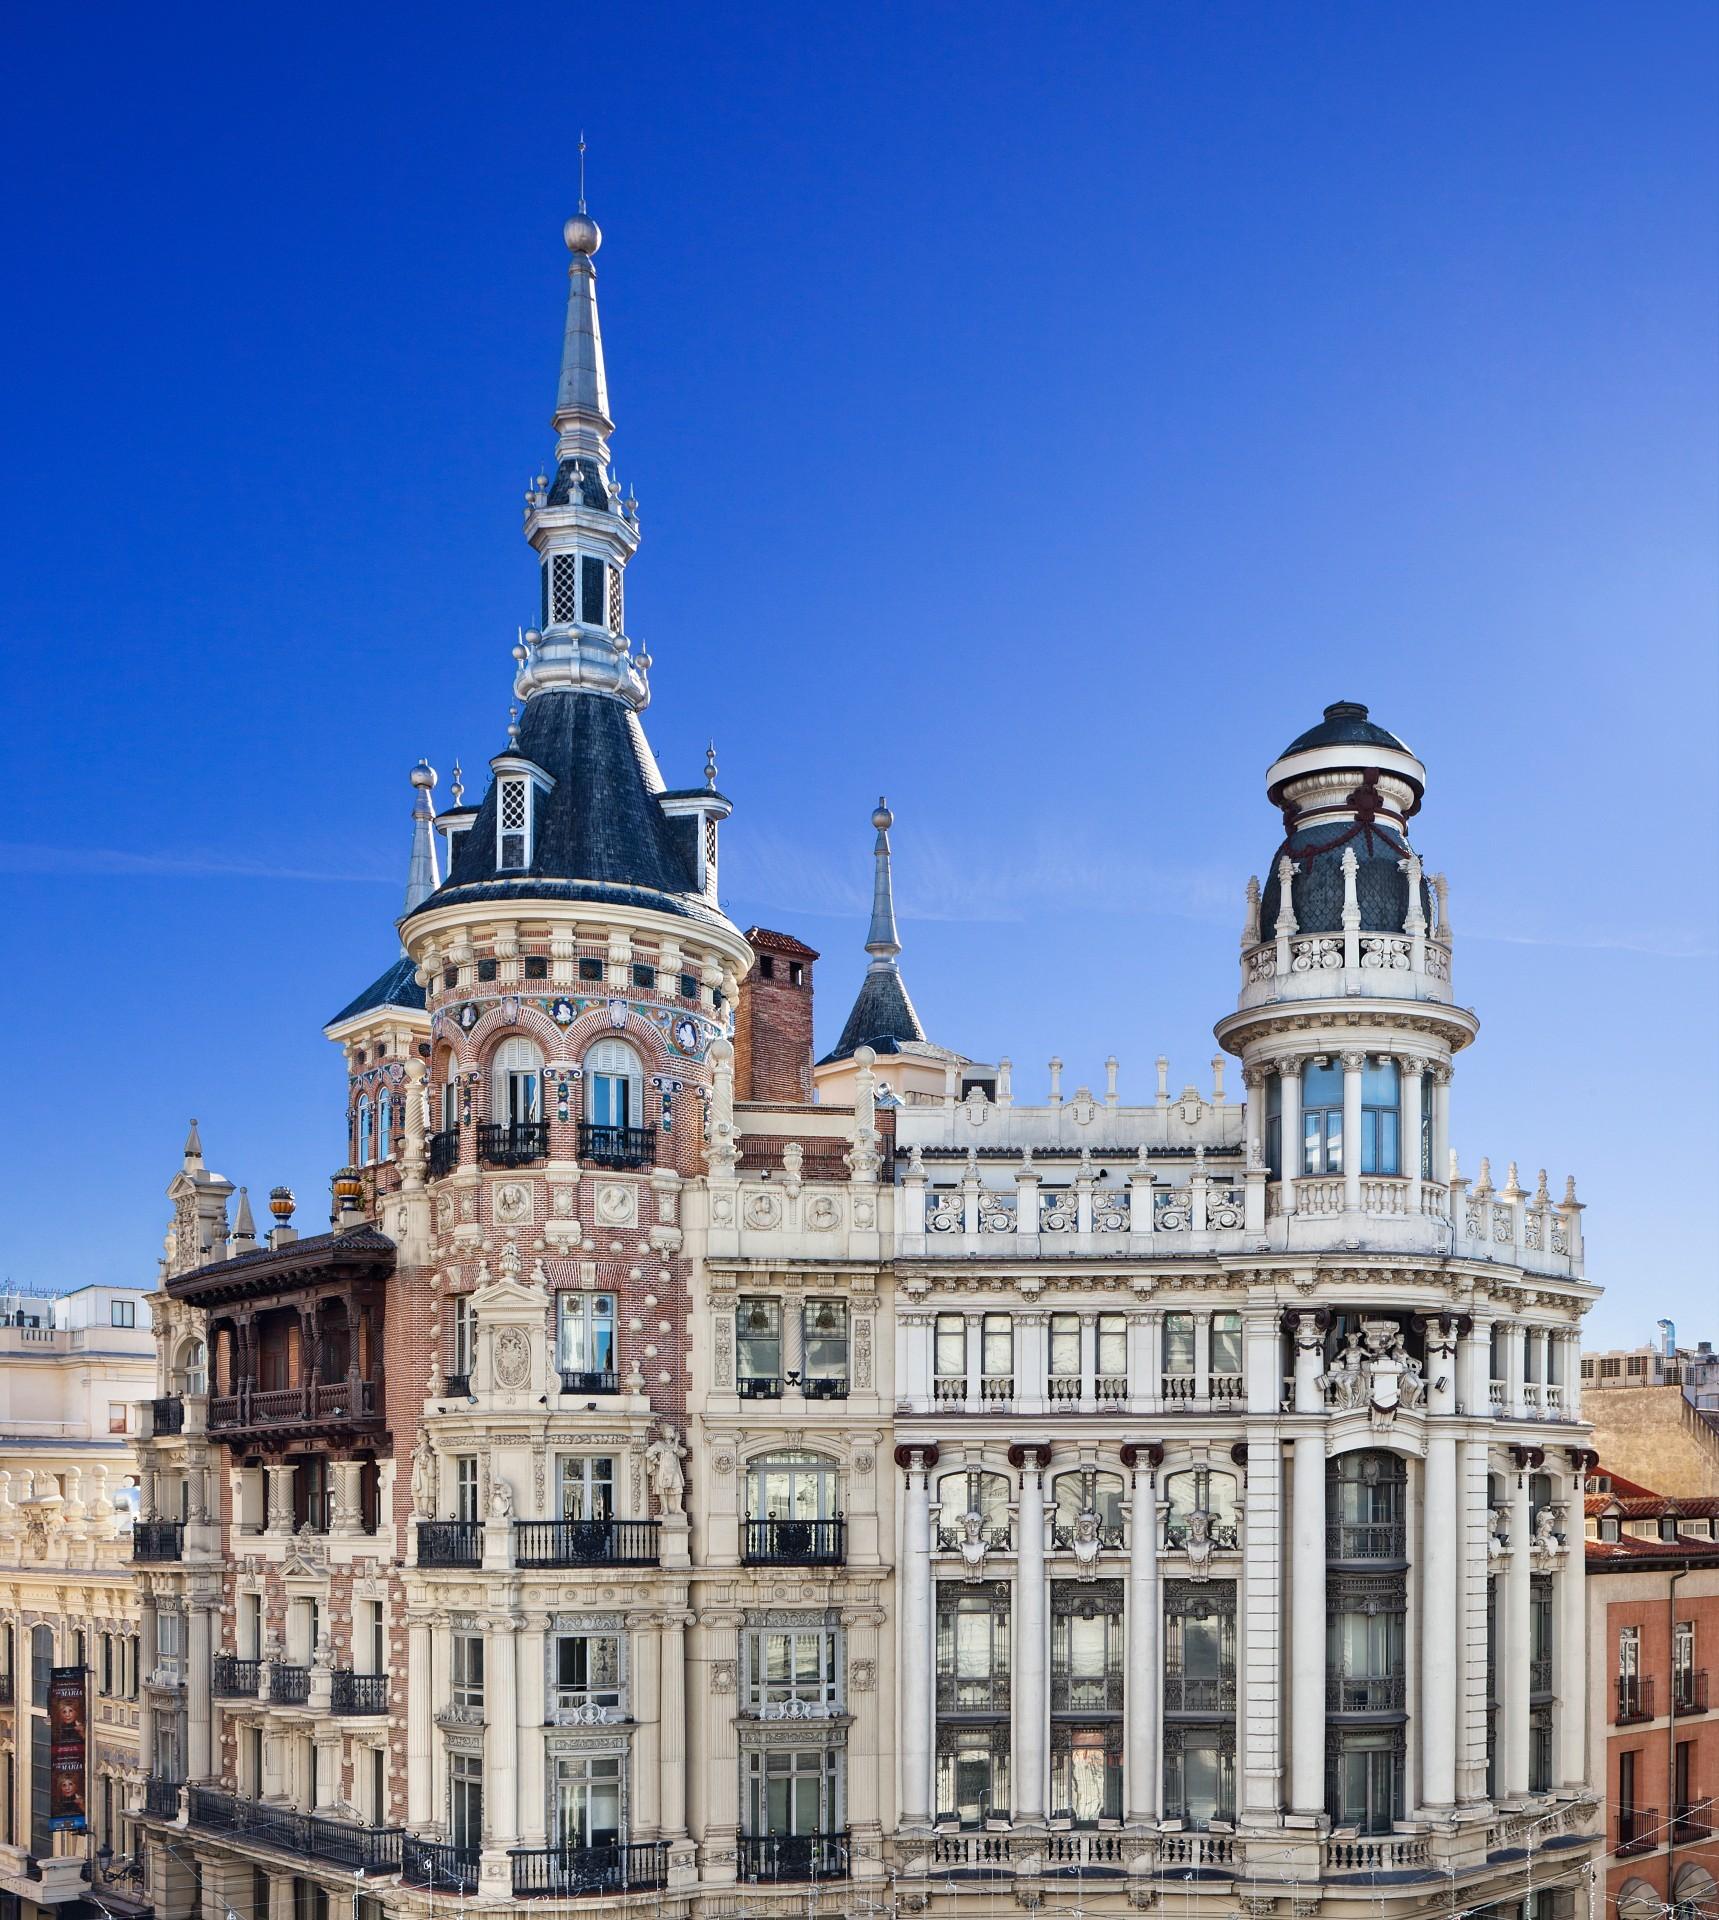 La <strong>Casa de Tomás Allende</strong>, un empresario promotor inmobiliario y político bilbaíno, es la próxima localización de Casa Decor (del 13 de mayo al 27 de junio). Construida entre 1916 y 1920, es una muestra de estilo arquitectónico regionalista, ideada por el arquitecto cántabro Leonardo Rucabado. Destaca por su impresionante torreón, que 'controla' la <strong>Plaza de Canalejas</strong>, y por su fachada minuciosamente ornamentada, con un escudo imperial, columnas jónicas estriadas y adorno de guirnaldas, cenefas, medallones y pináculos de piedra labrada...